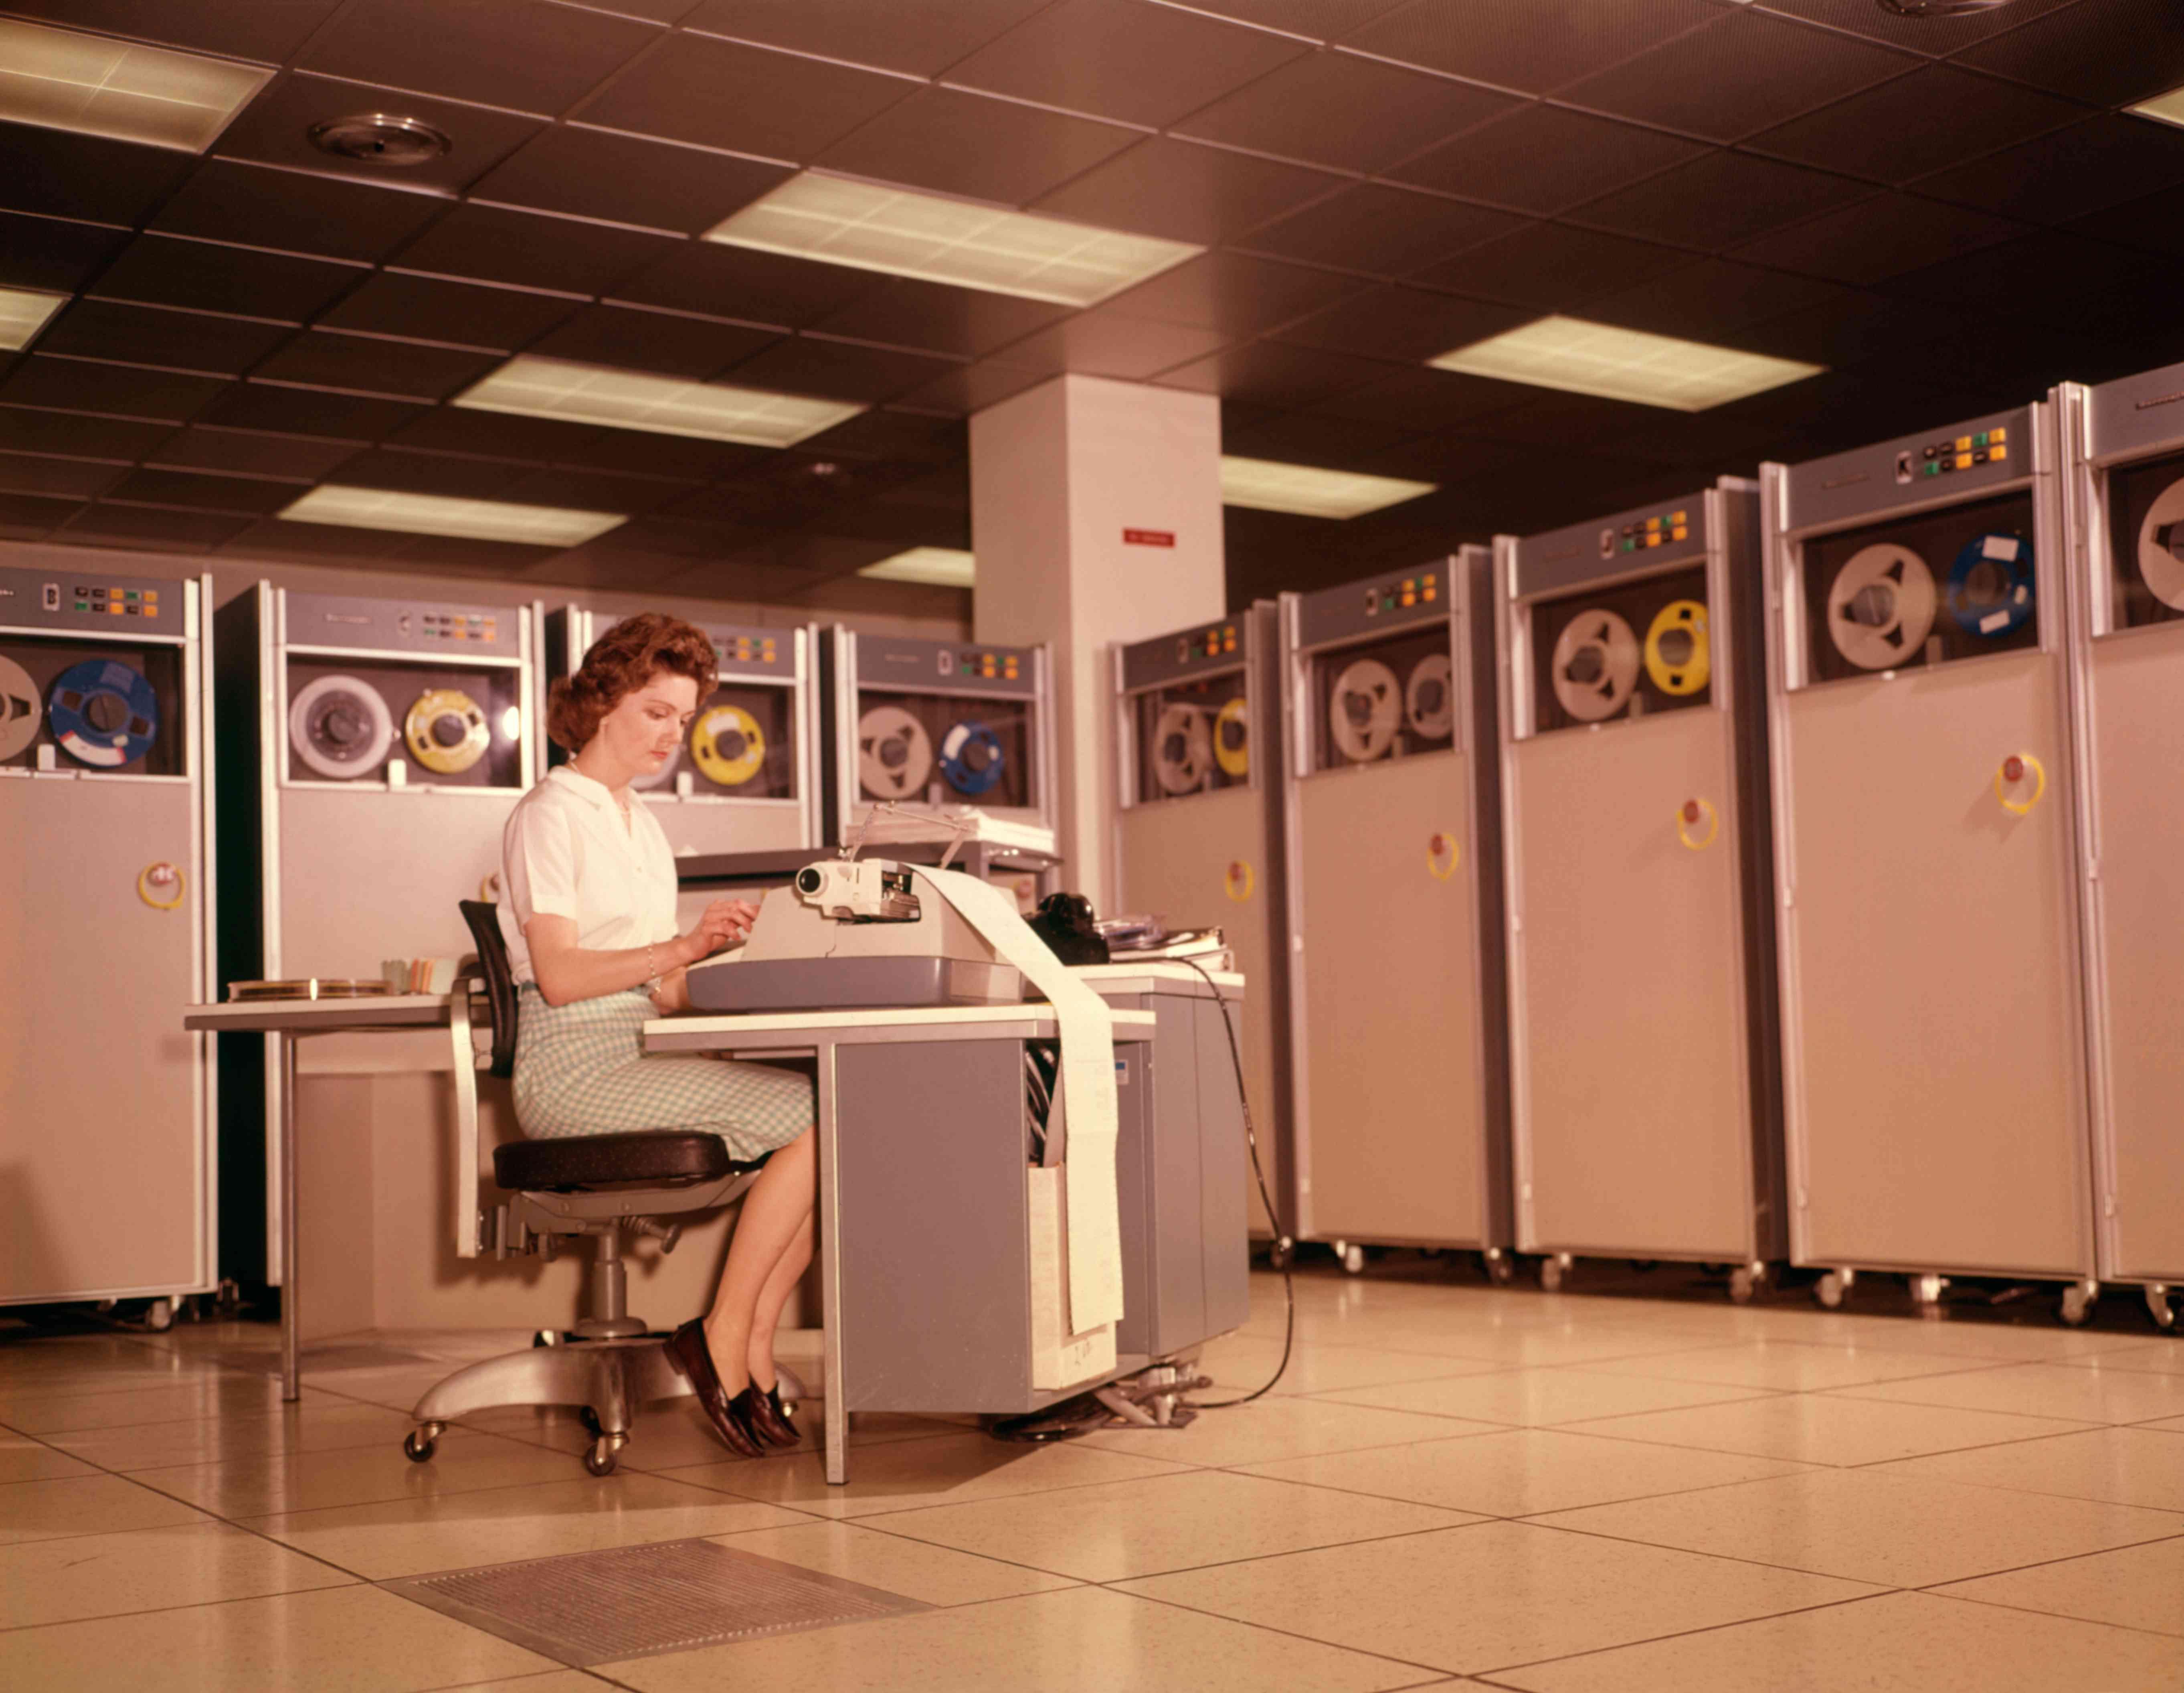 woman running mainframe computer